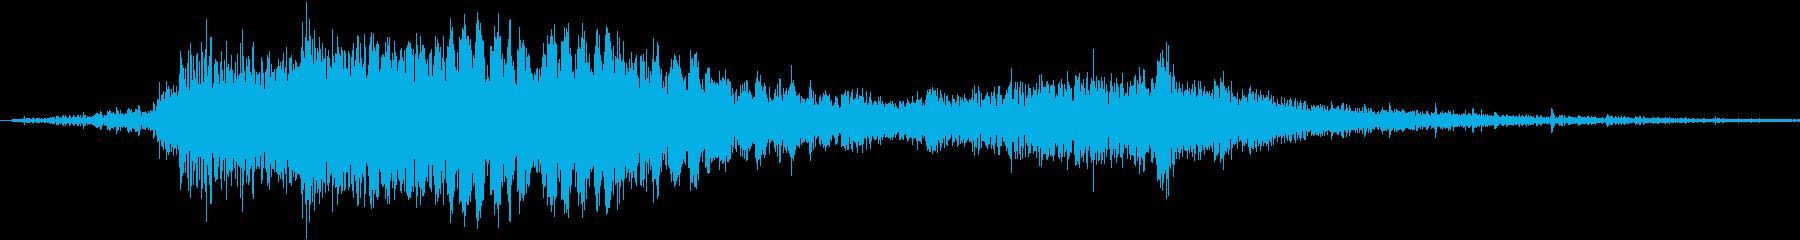 斬撃音!(刀や剣で斬る/刺す効果音)9cの再生済みの波形